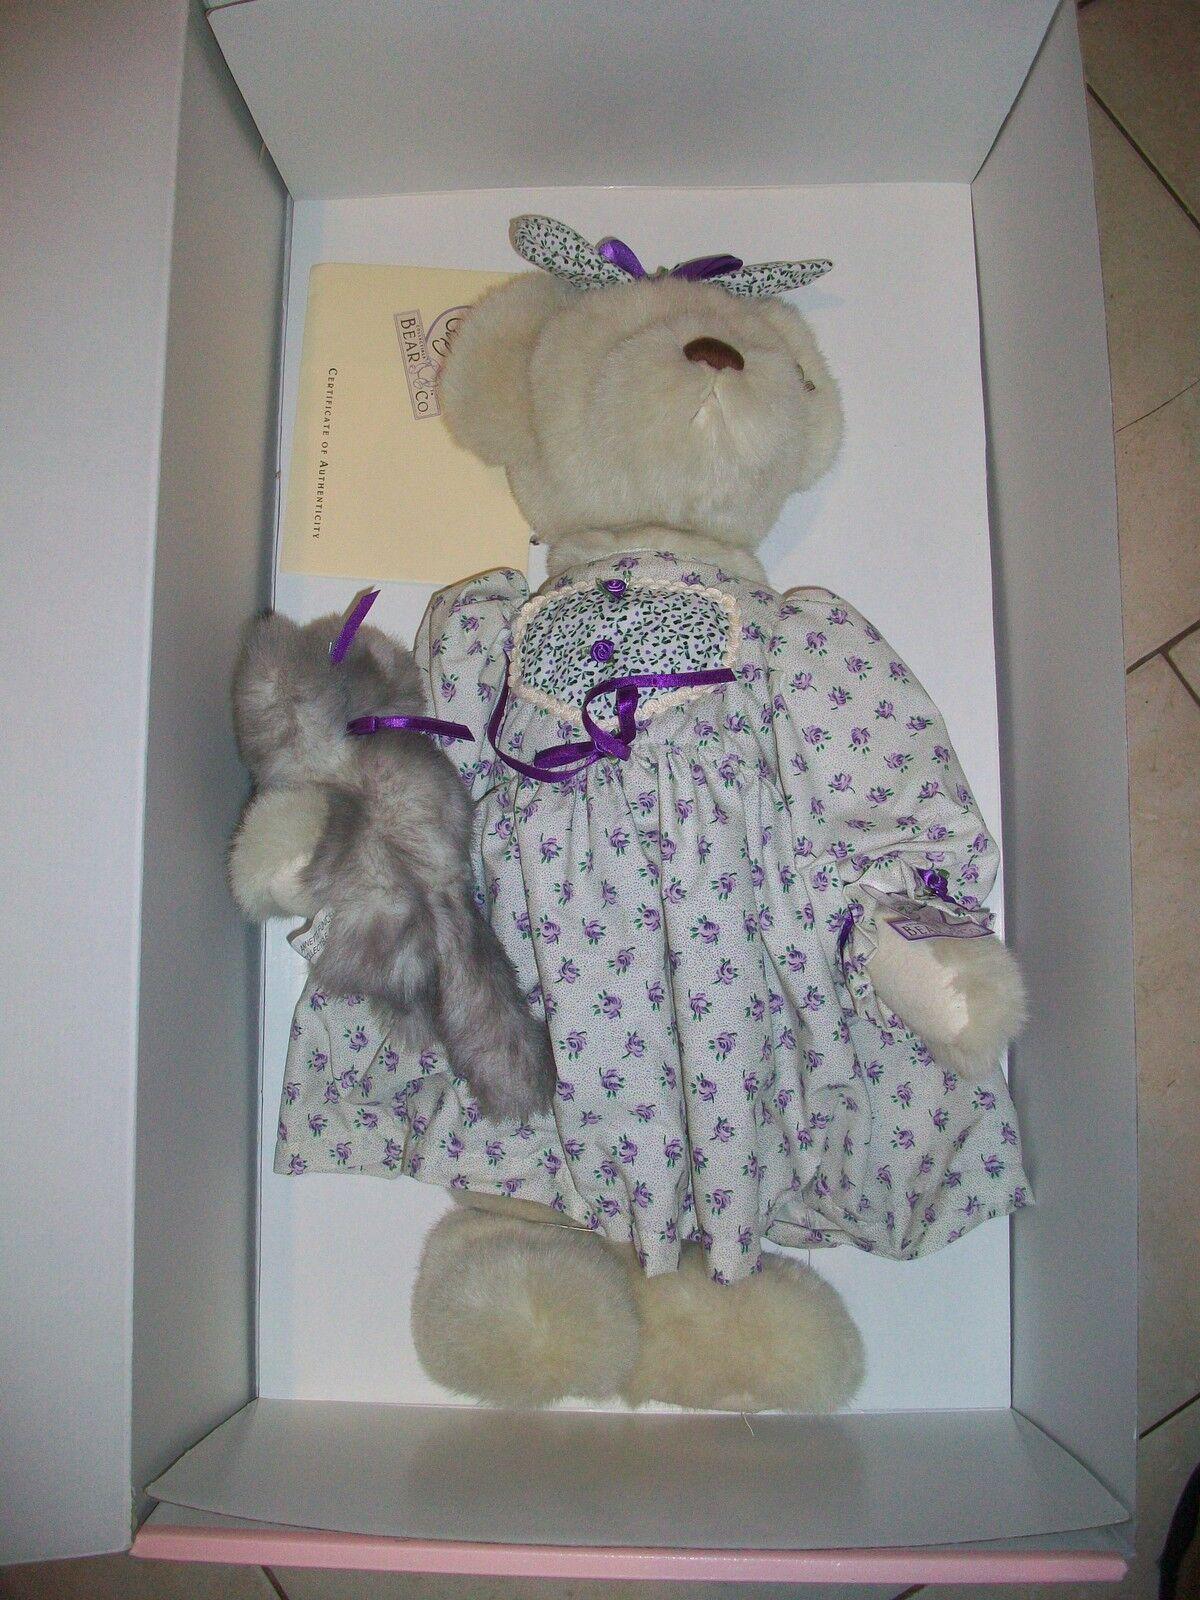 ANNETTE FUNICELLO TABITHA BEAR W/TABBY KITTY 21  Teddy Bear LIMITED EDITION